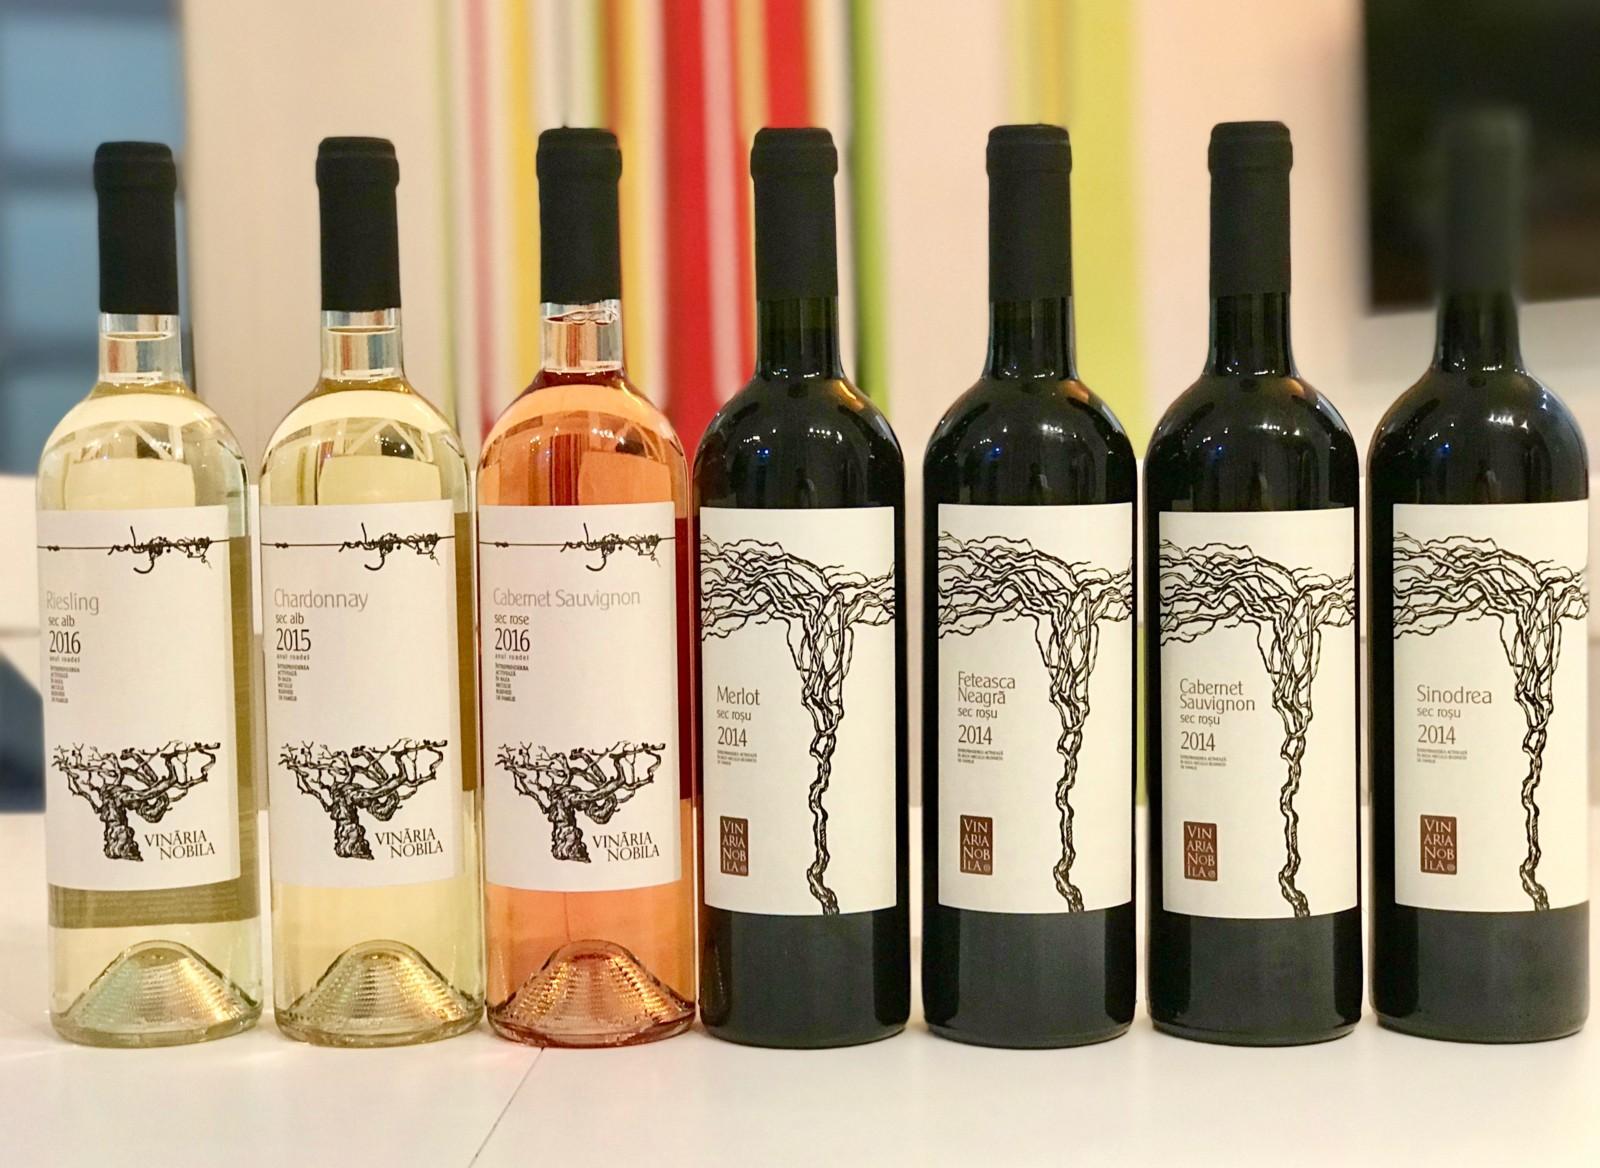 Nou pe piața vinului din Moldova: Vinăria Nobilă revine cu o nouă gamă de vinuri